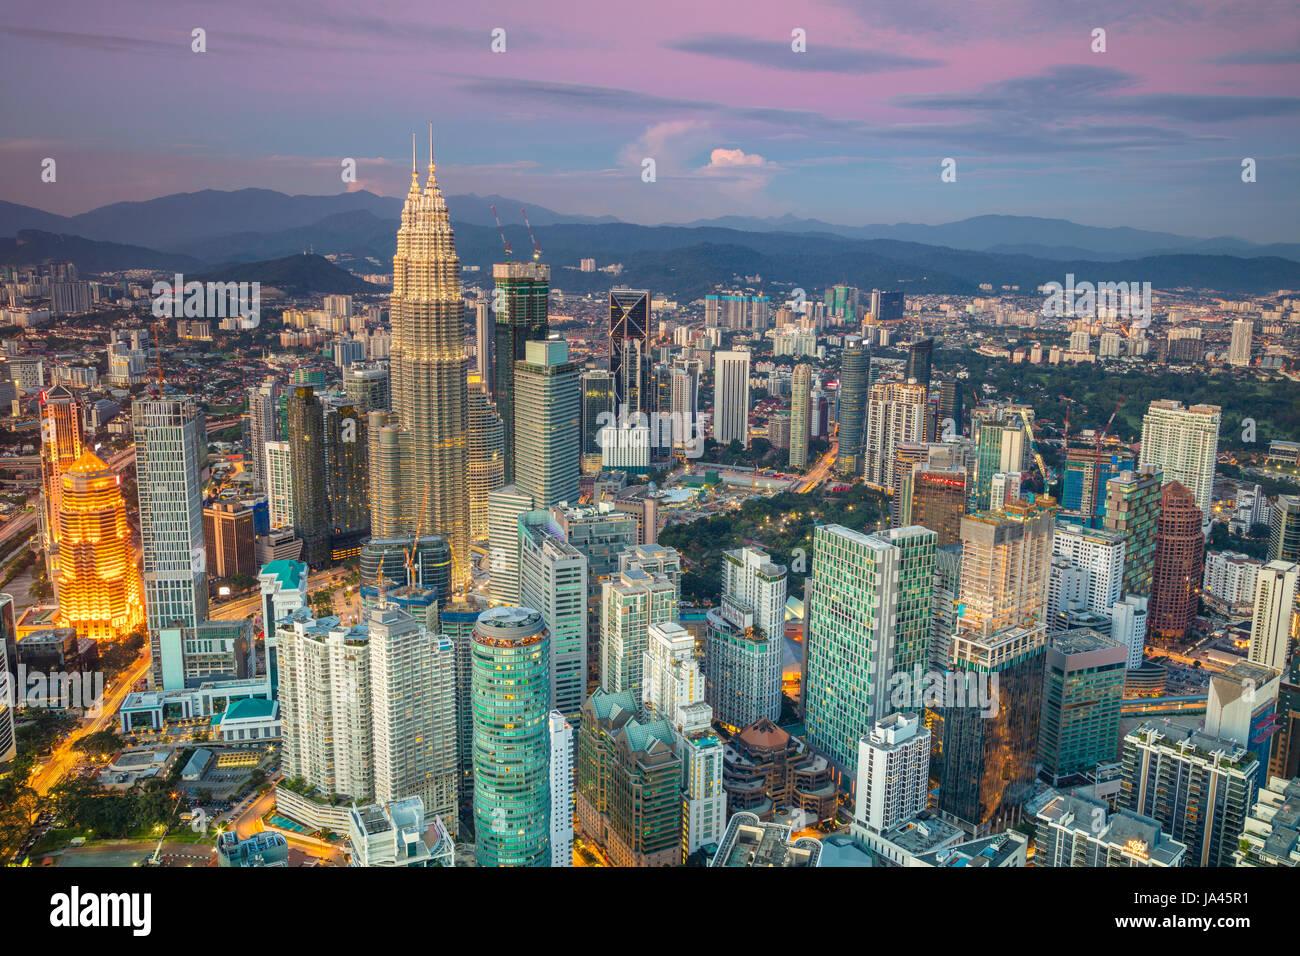 Kuala Lumpur. Immagine di paesaggio cittadino di Kuala Lumpur in Malesia durante il tramonto. Immagini Stock